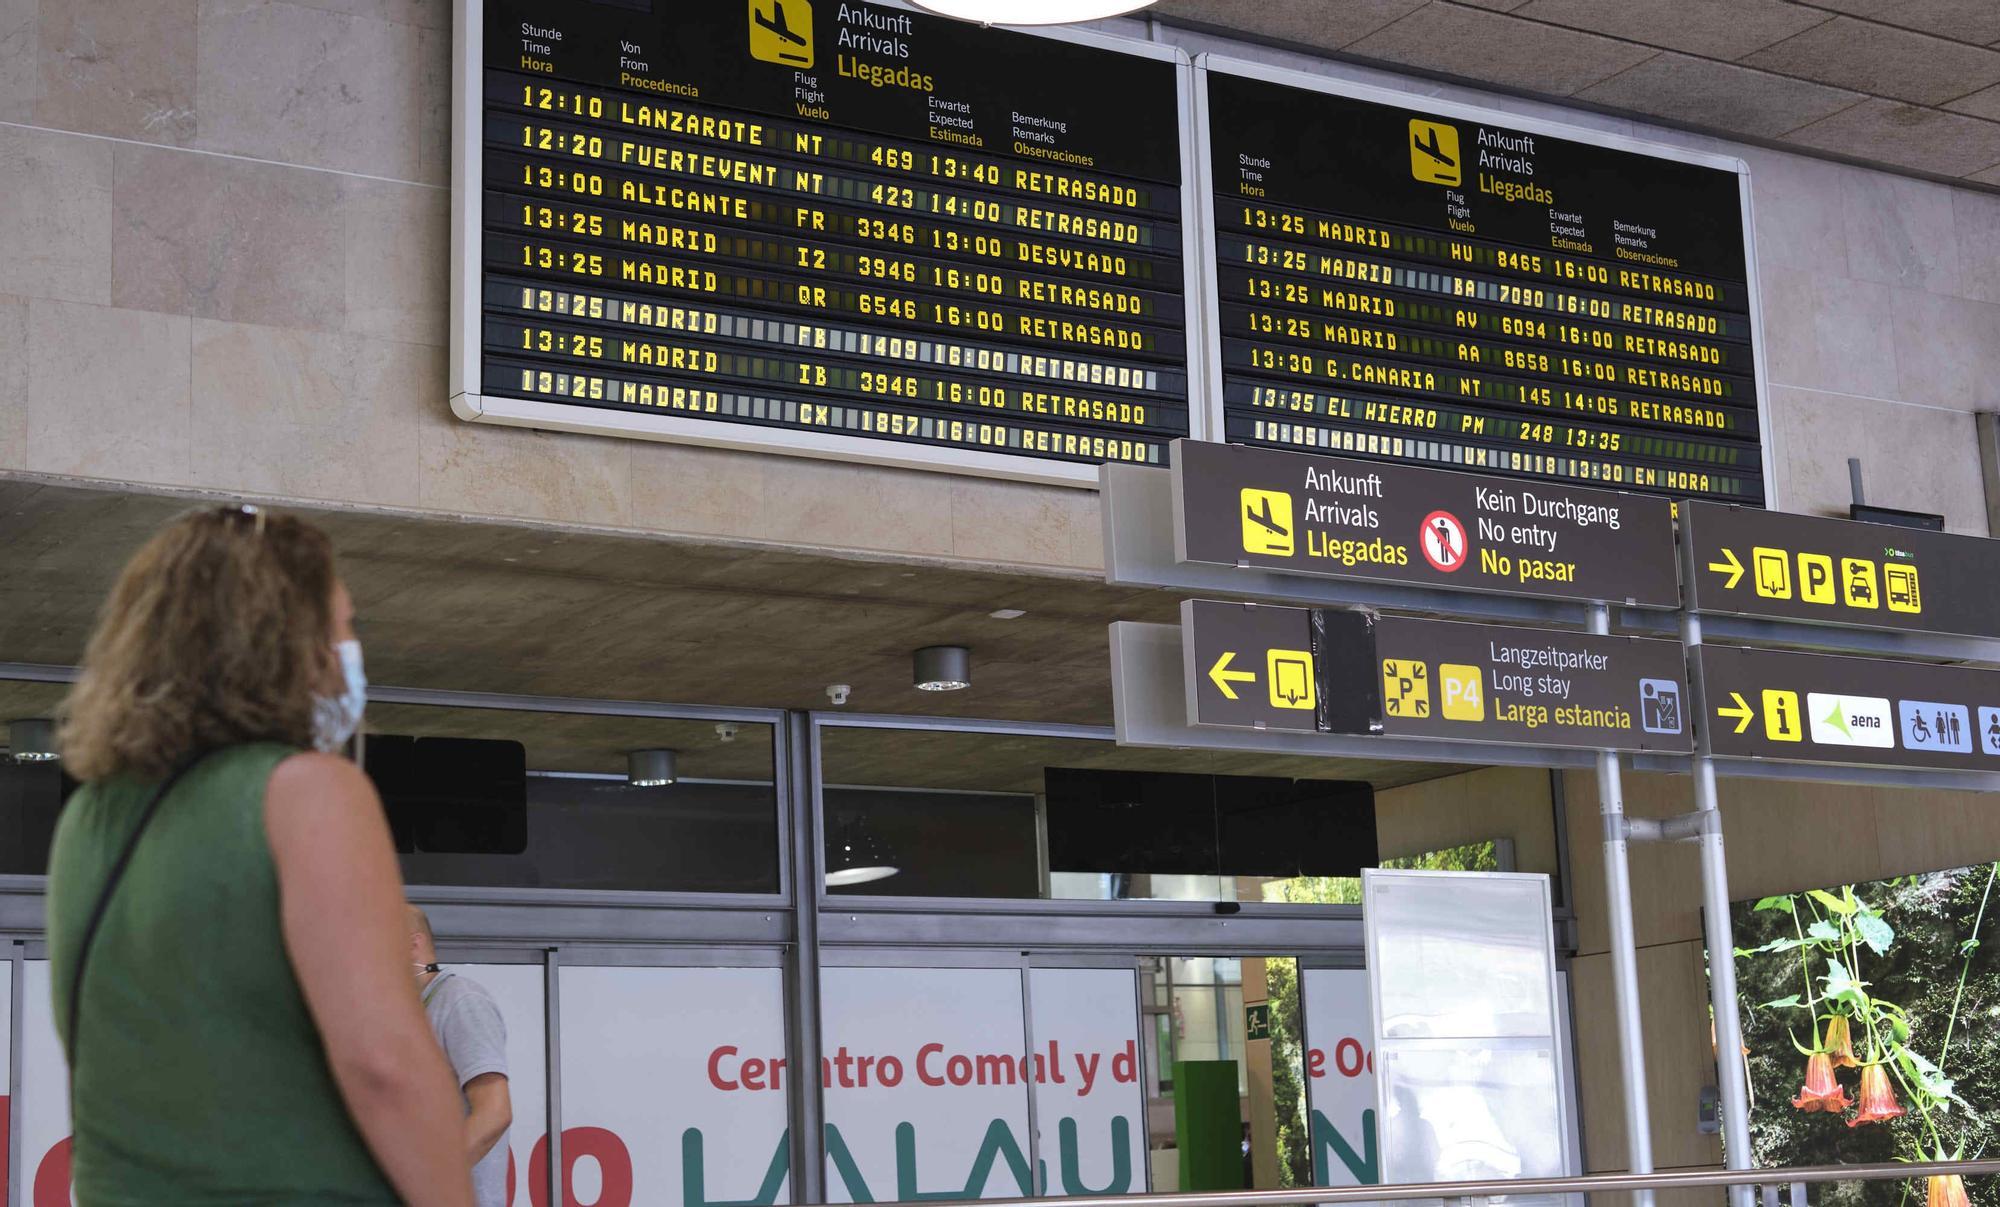 Problemas en el aeropuerto de Tenerife Norte por la nube de cenizas del volcán de La Palma